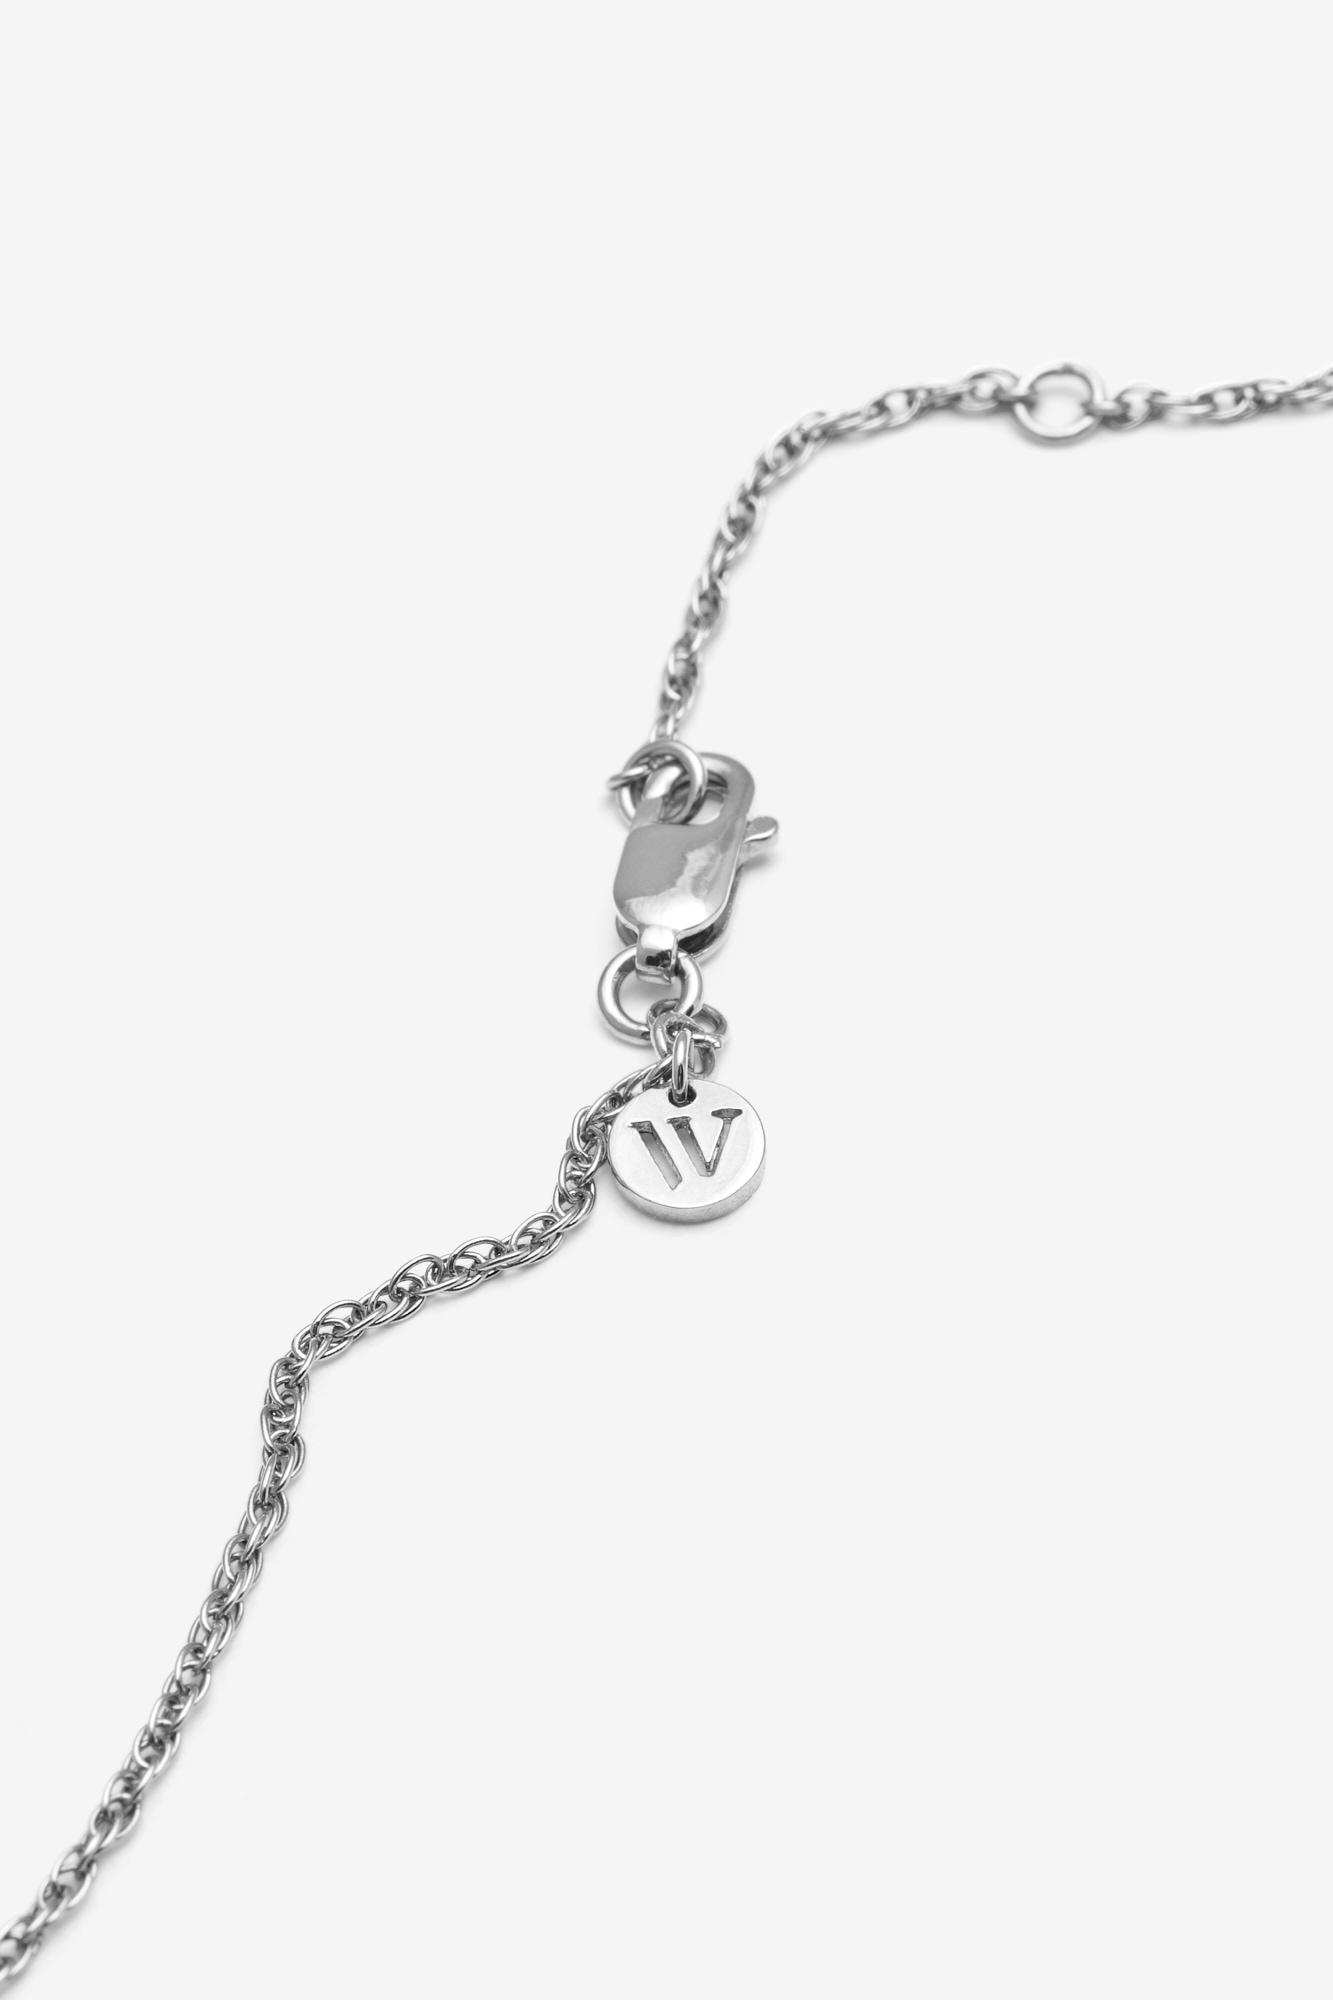 19-03-5-1-017-114-10_Baguette Necklace_Silver_03